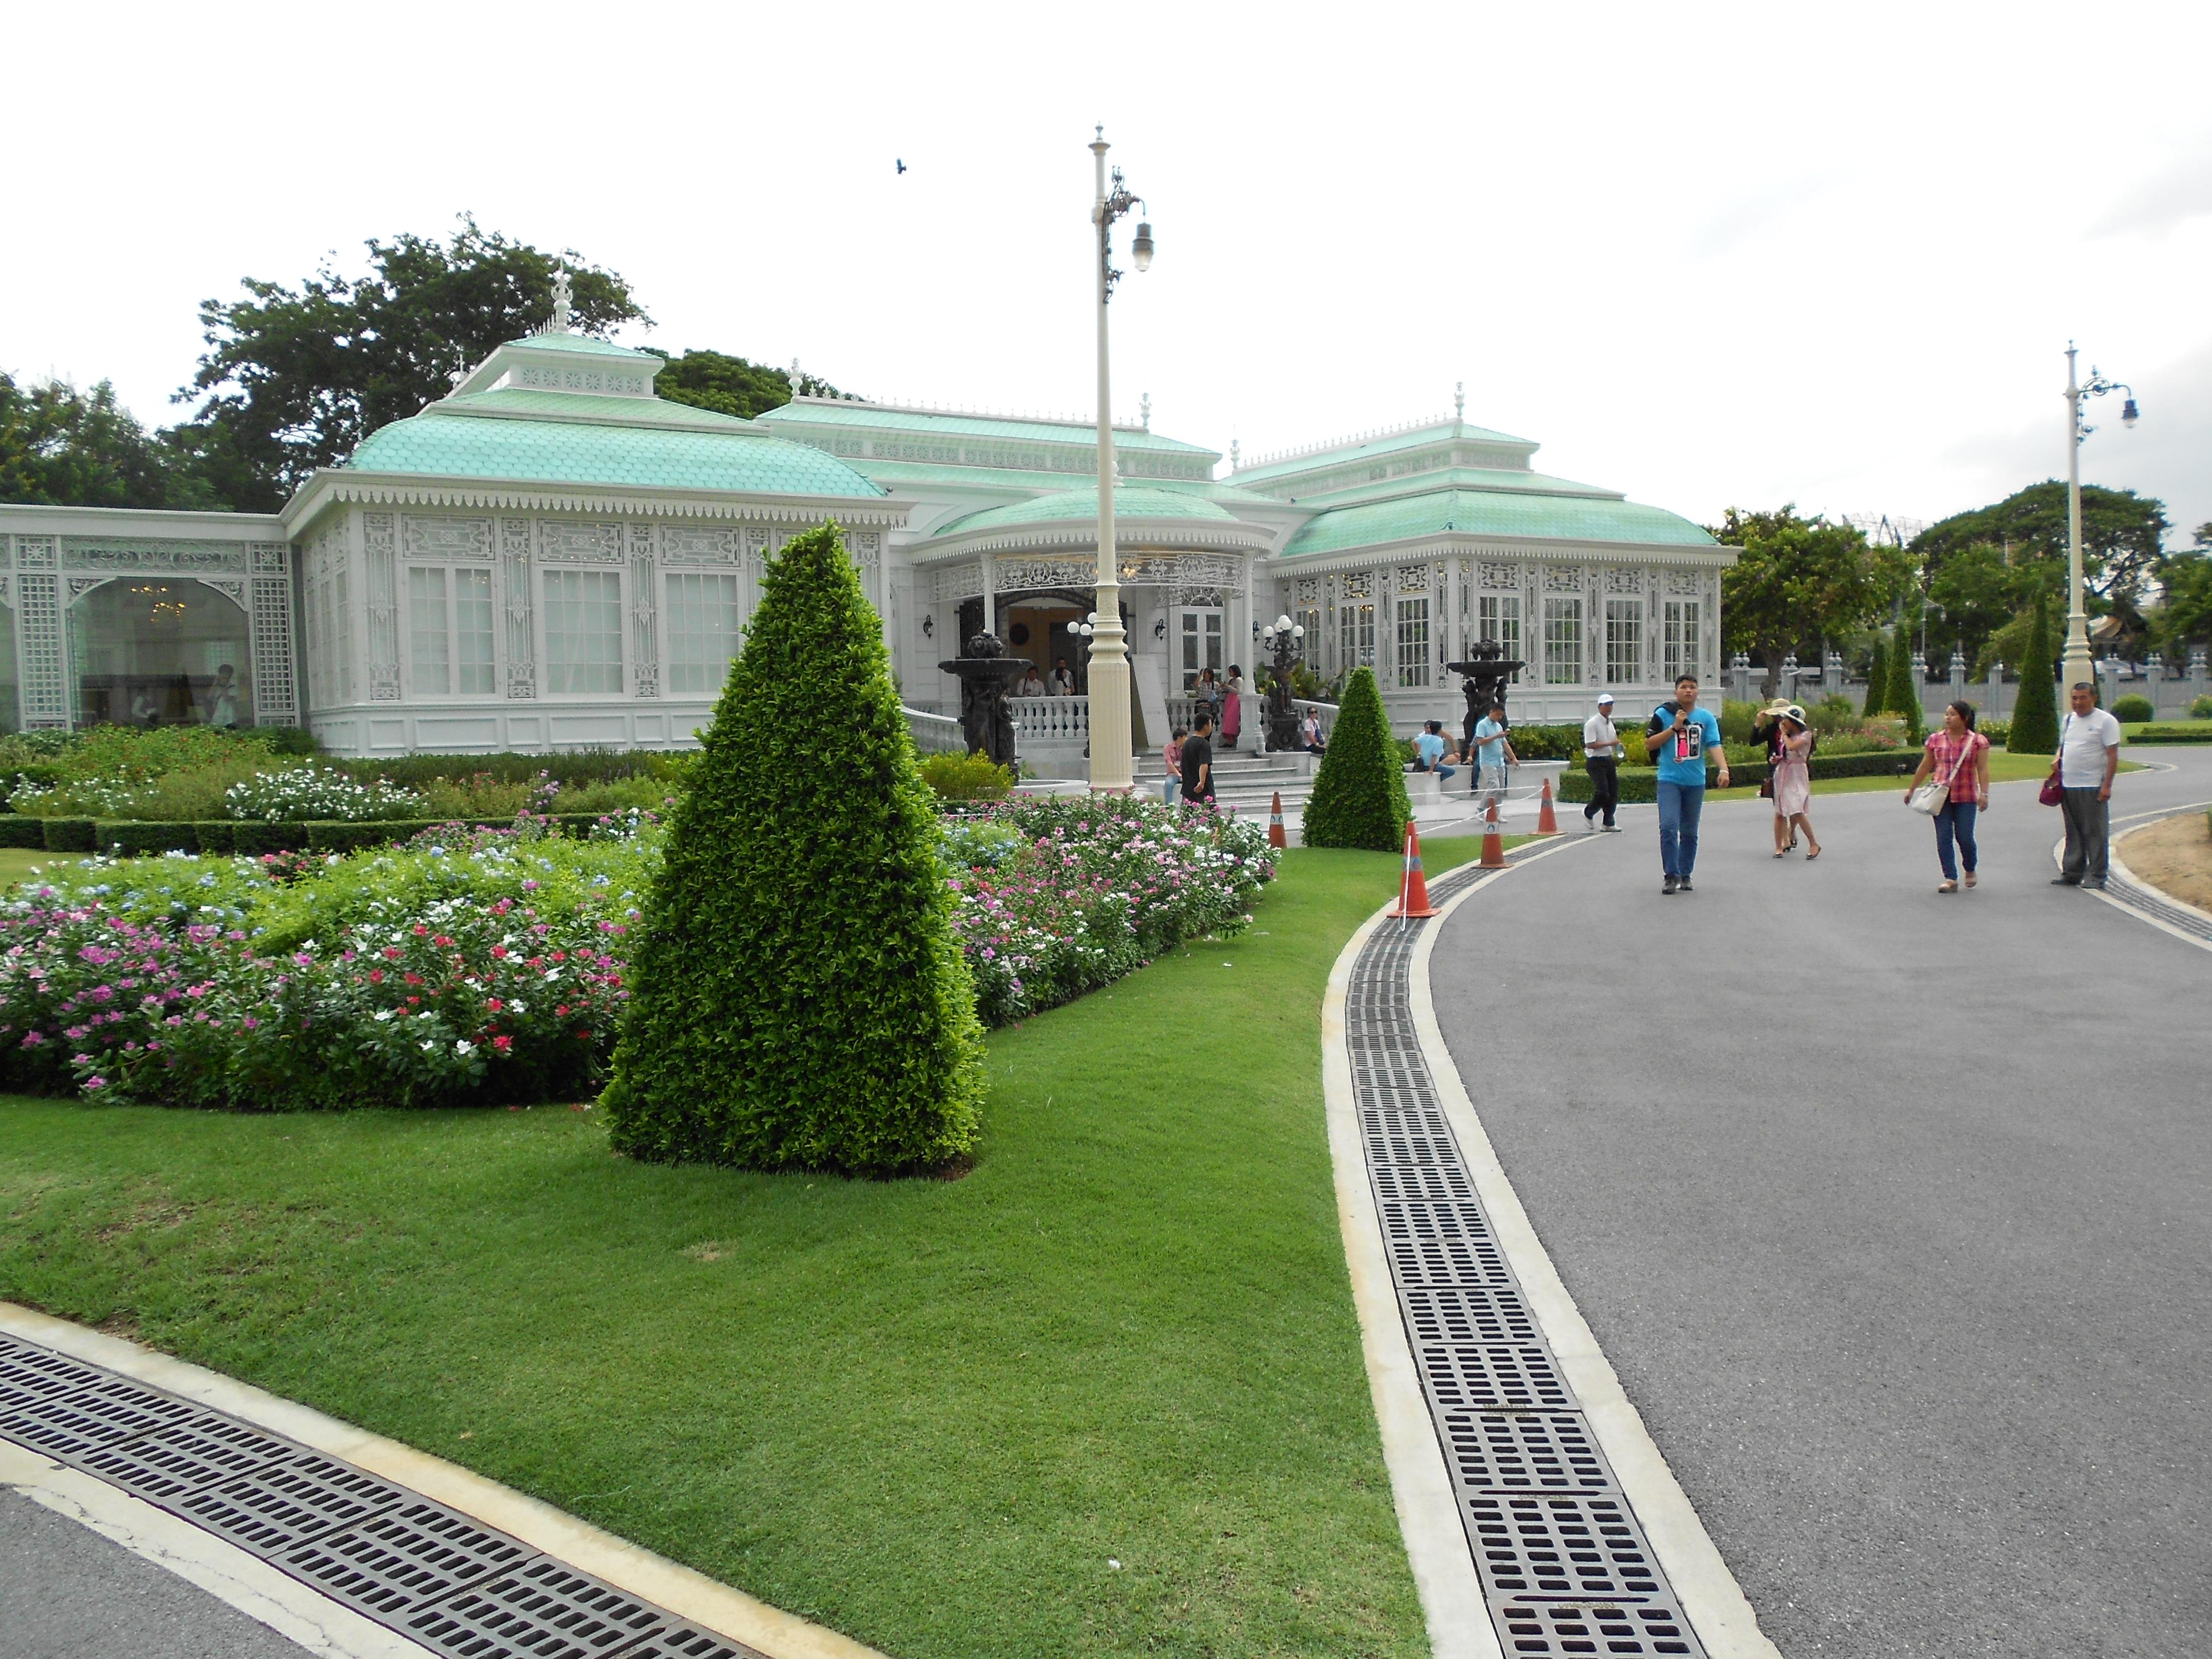 舊國會大廈,也稱為阿南達沙瑪空皇家御會館,是一座白色為主的意大利文藝複興式建築。室內全以彩色大理石裝飾,有泰國歷史演進的壁畫。前院有五世皇的騎馬像,他是一位極力推進泰國現代化和教育普及制的賢明君主。 舊國會大廈這是泰國最有作為的五世皇從意大利游歷歸來後修建的皇宮,也是五世皇議政院,在拉瑪王朝歷史上占據重要一頁。七世皇的時候實行民主政治制度,這里改為國會。後來蓋了新國會大樓,這里就變成了博物館。現今的國會位于舊國會大廈的後側。 泰現今九世泰皇就在此宮慶祝登基60年,全世界29個君主立憲國家中有25個國王及其